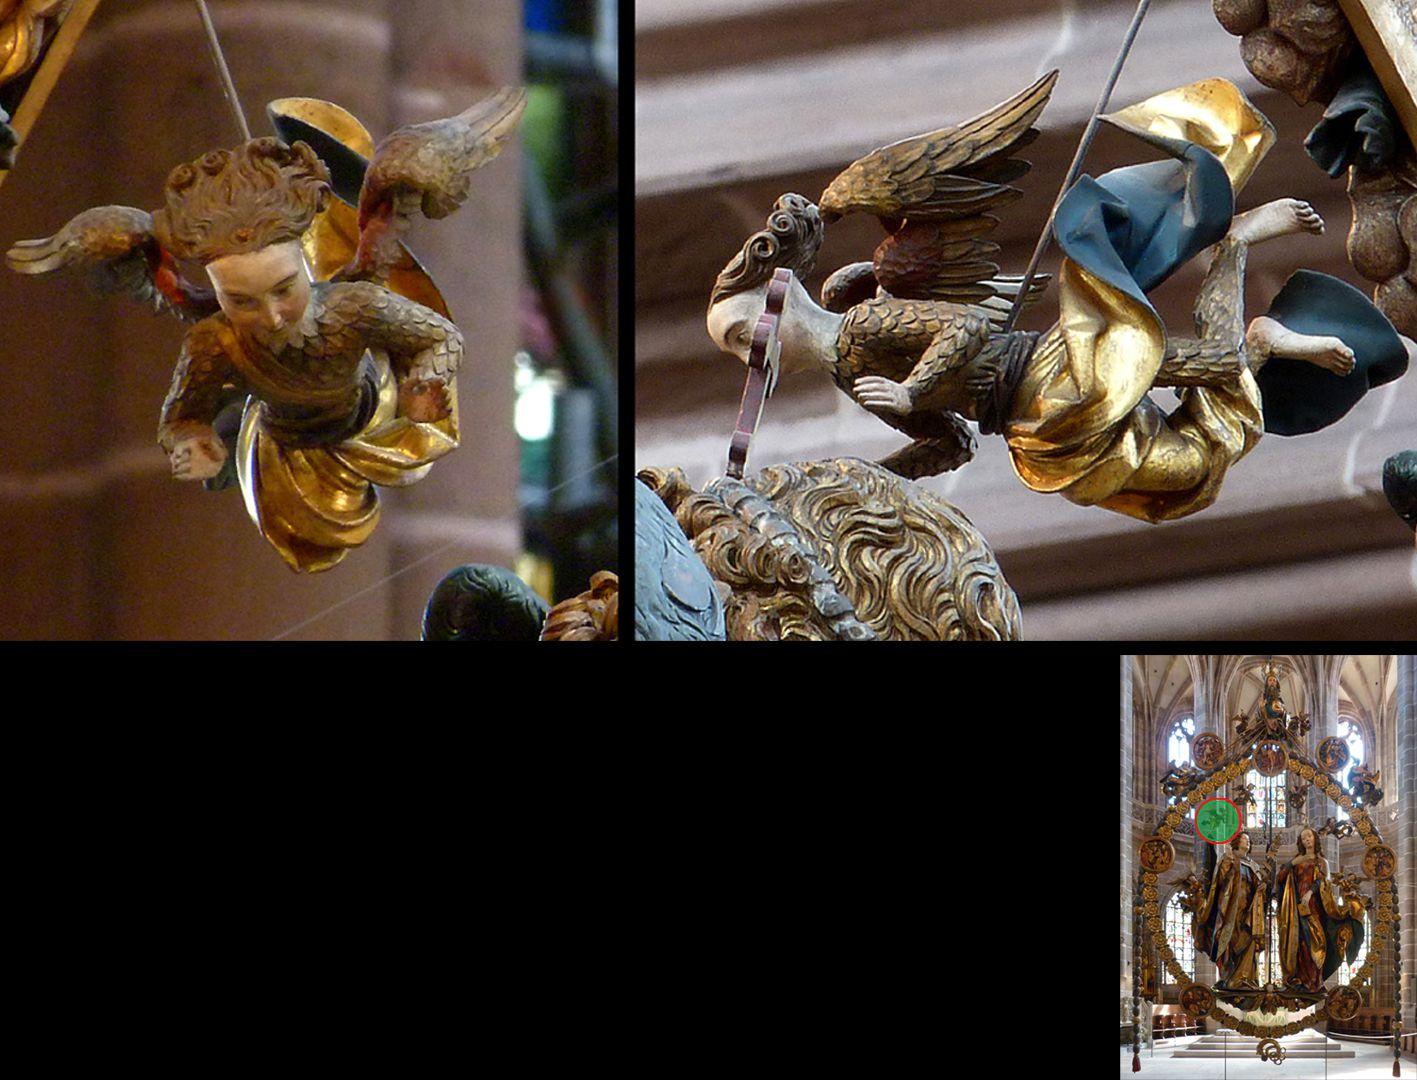 Englischer Gruß Engelchen im Federkleid, herabschwebend mit segnenden Händen (unten rechts Detaillokalisierung)